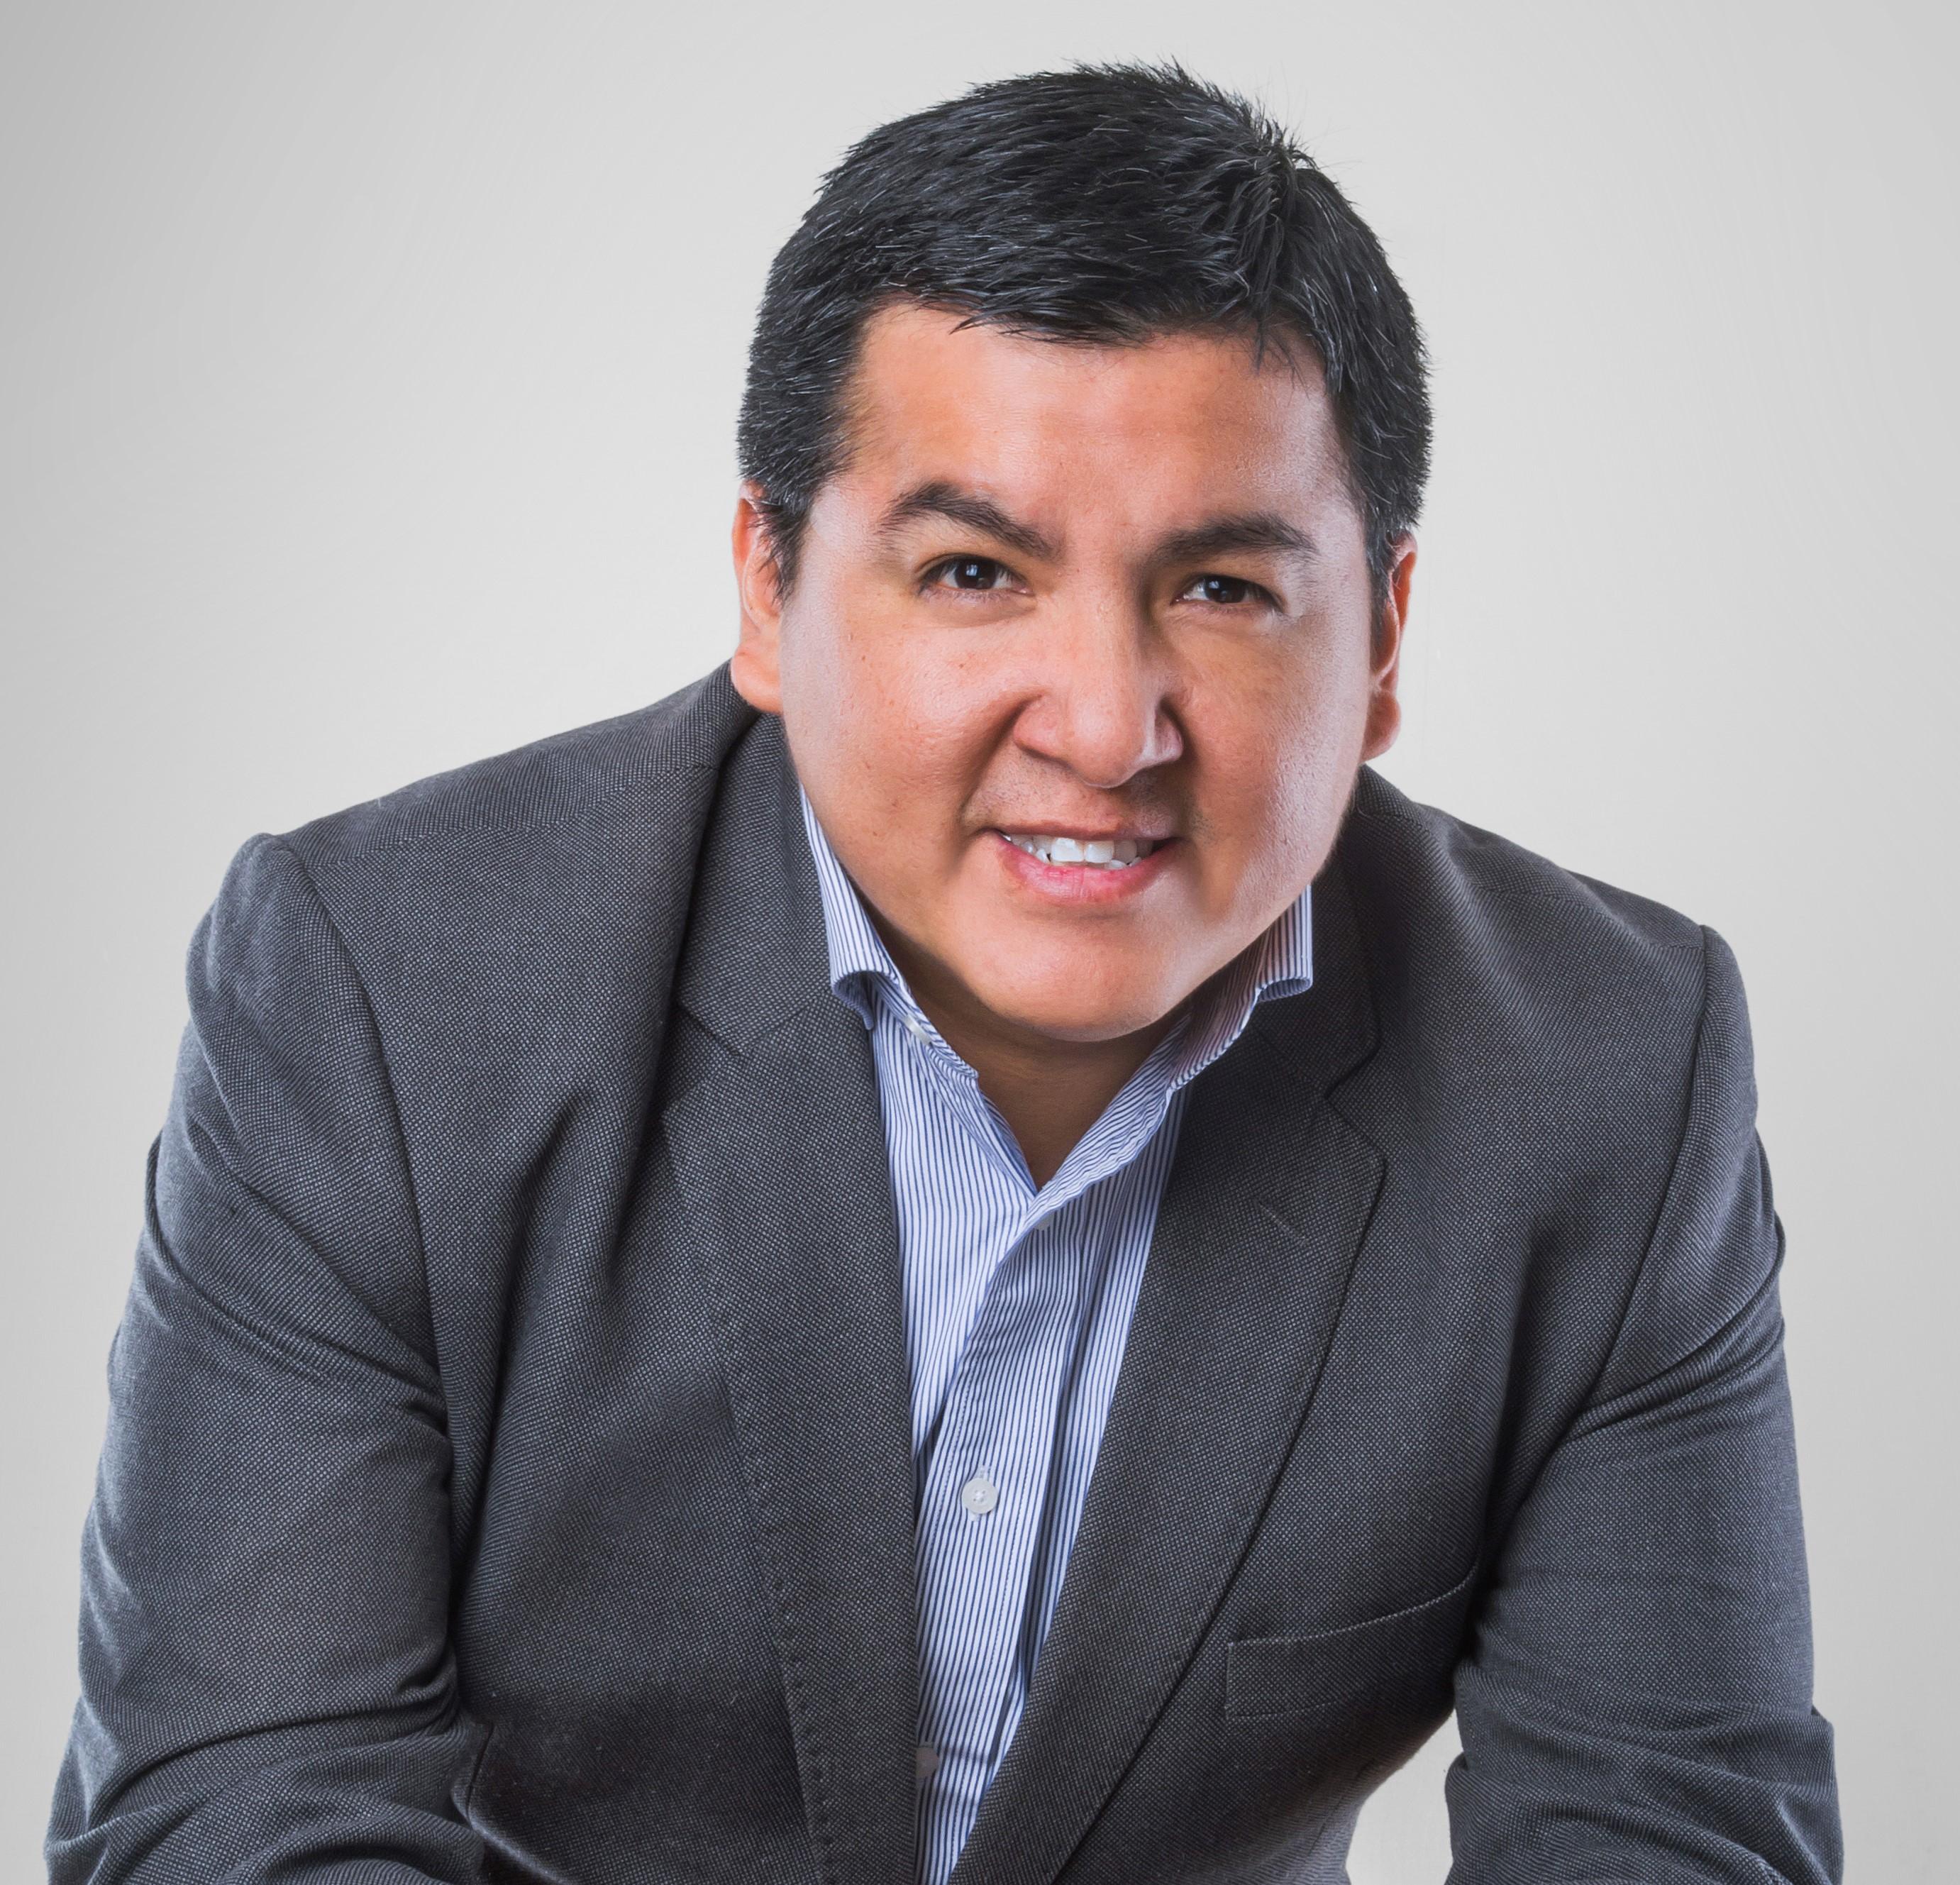 Luis Samaniego Polanco